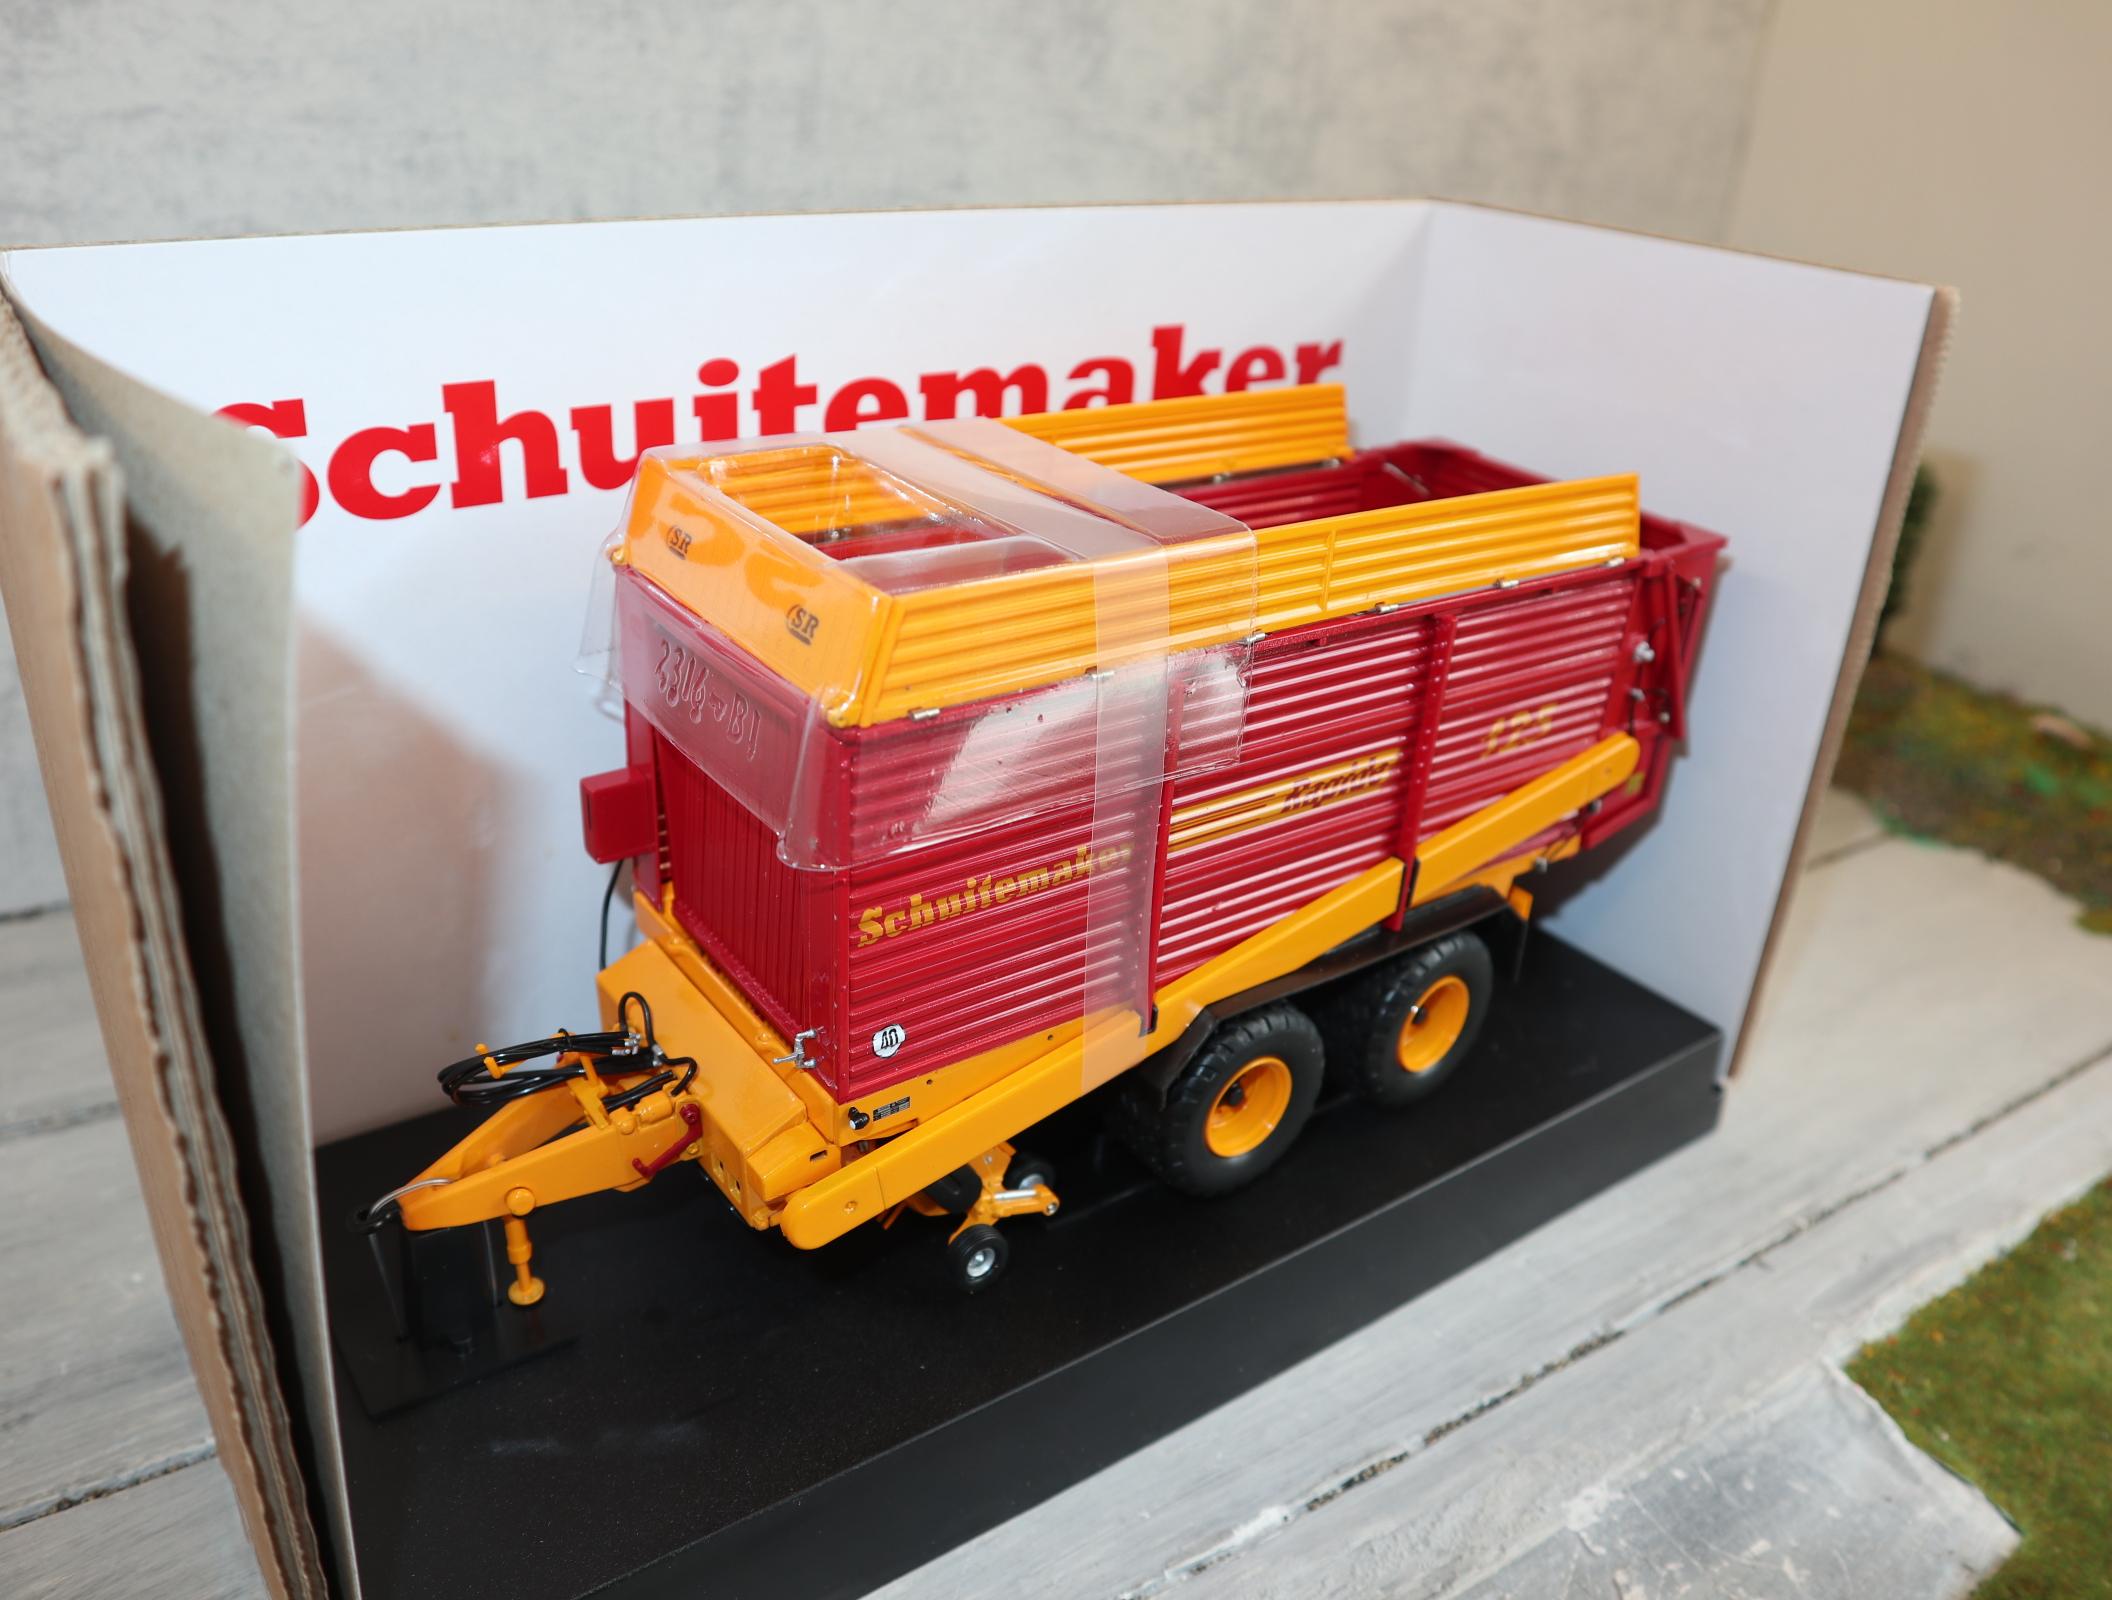 UH 2839 1:32  Sammelwagen Schuitemaker Rapide 125 neu in OVP